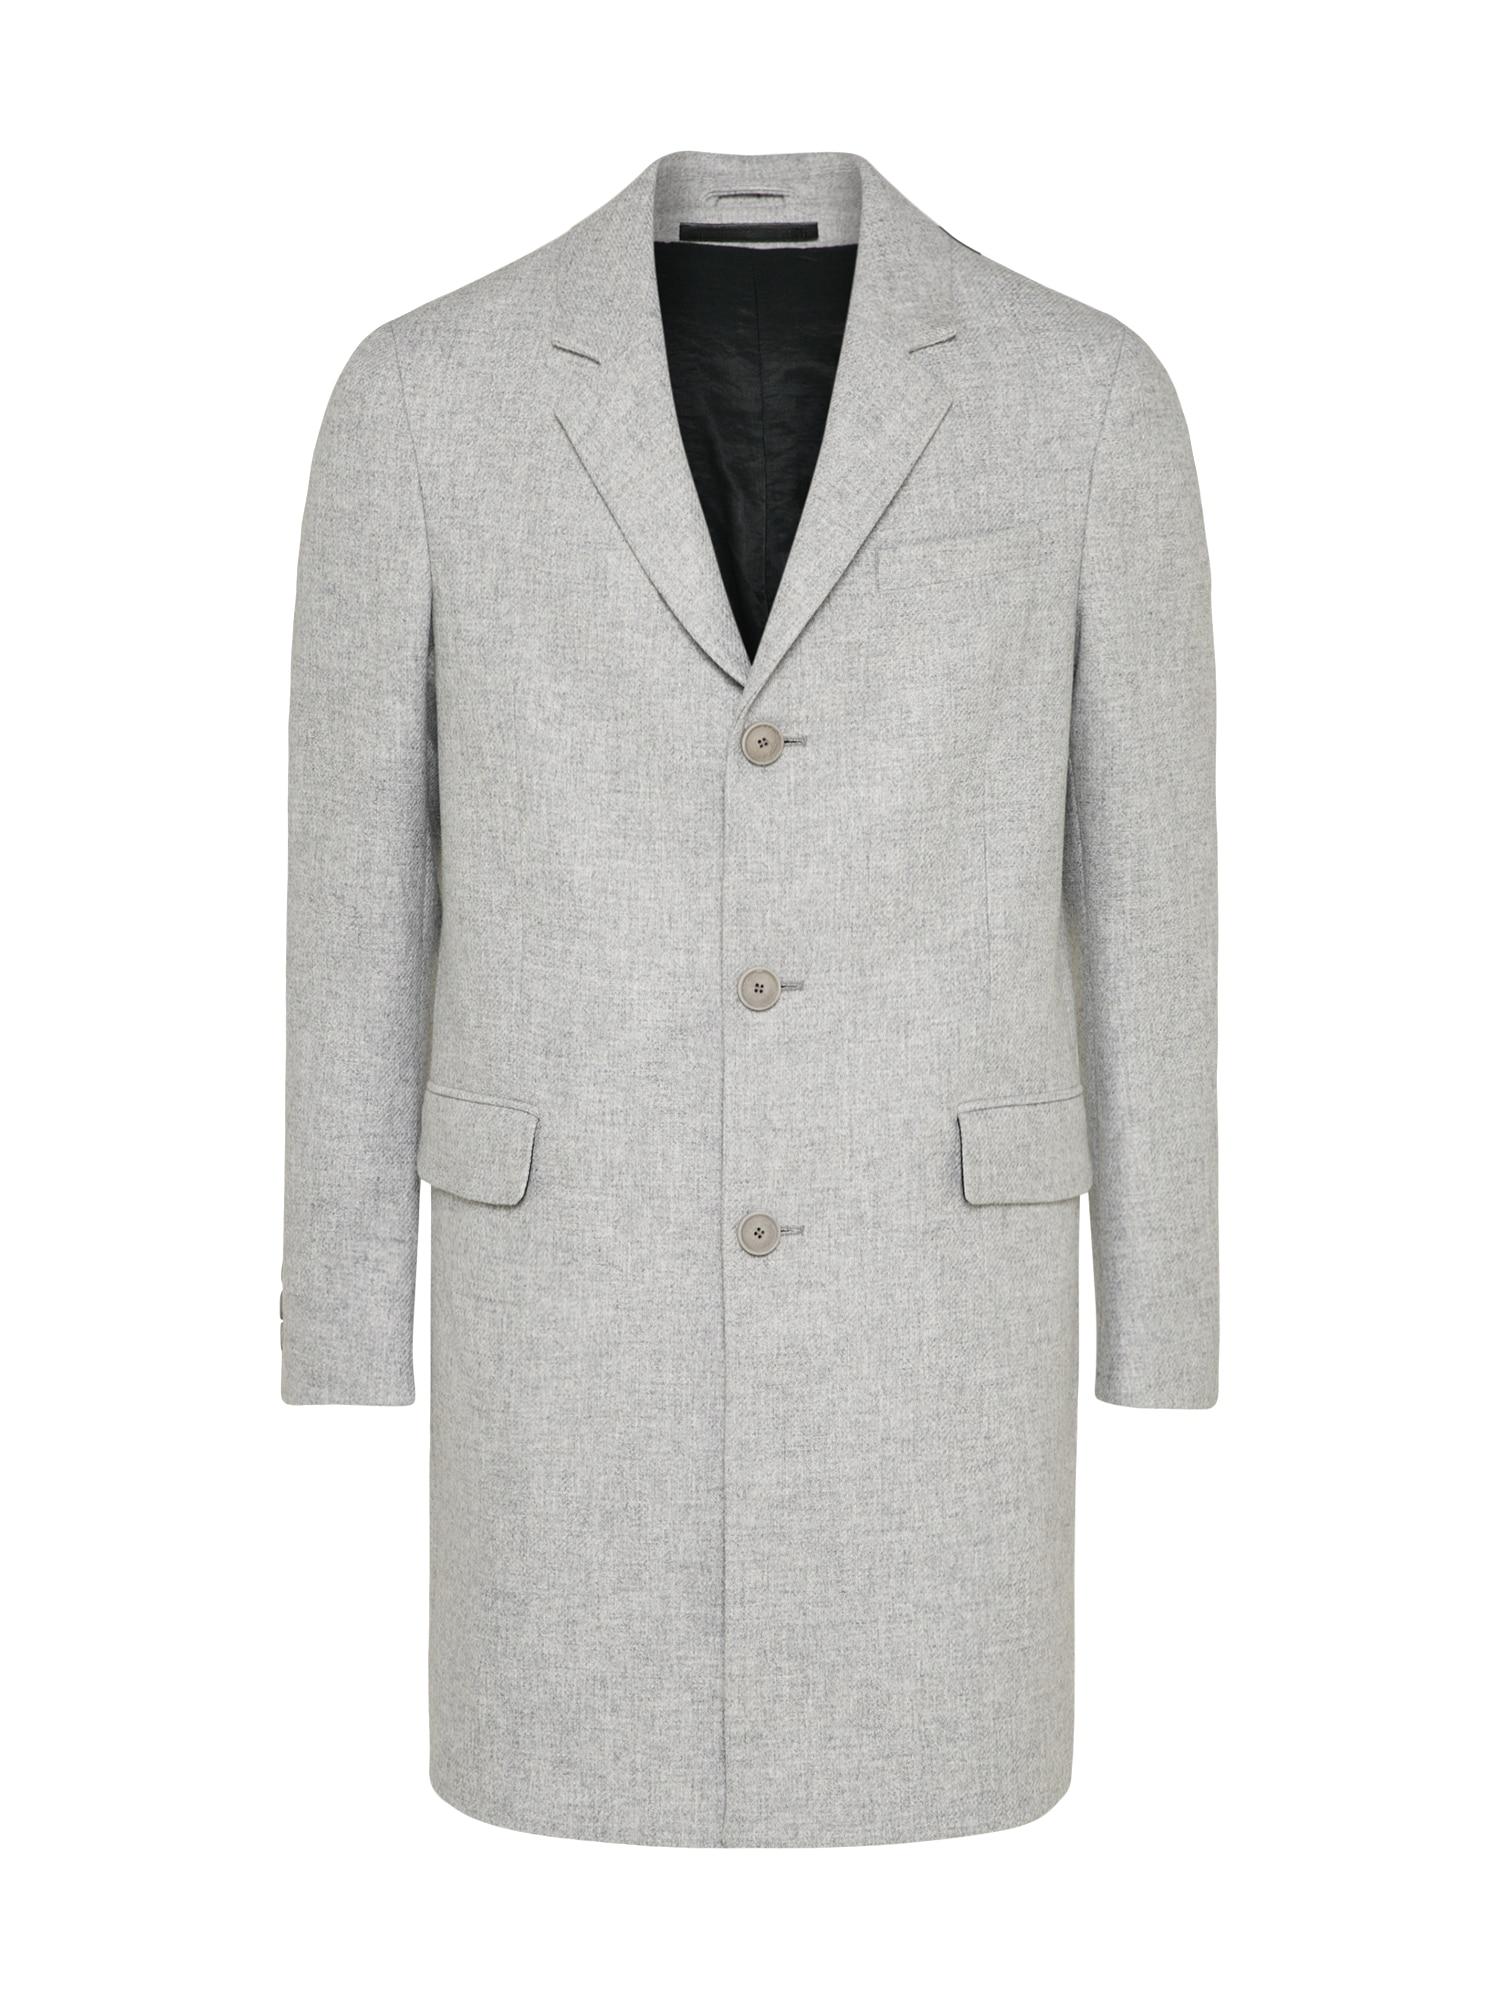 Přechodný kabát BLACOT světle šedá DRYKORN